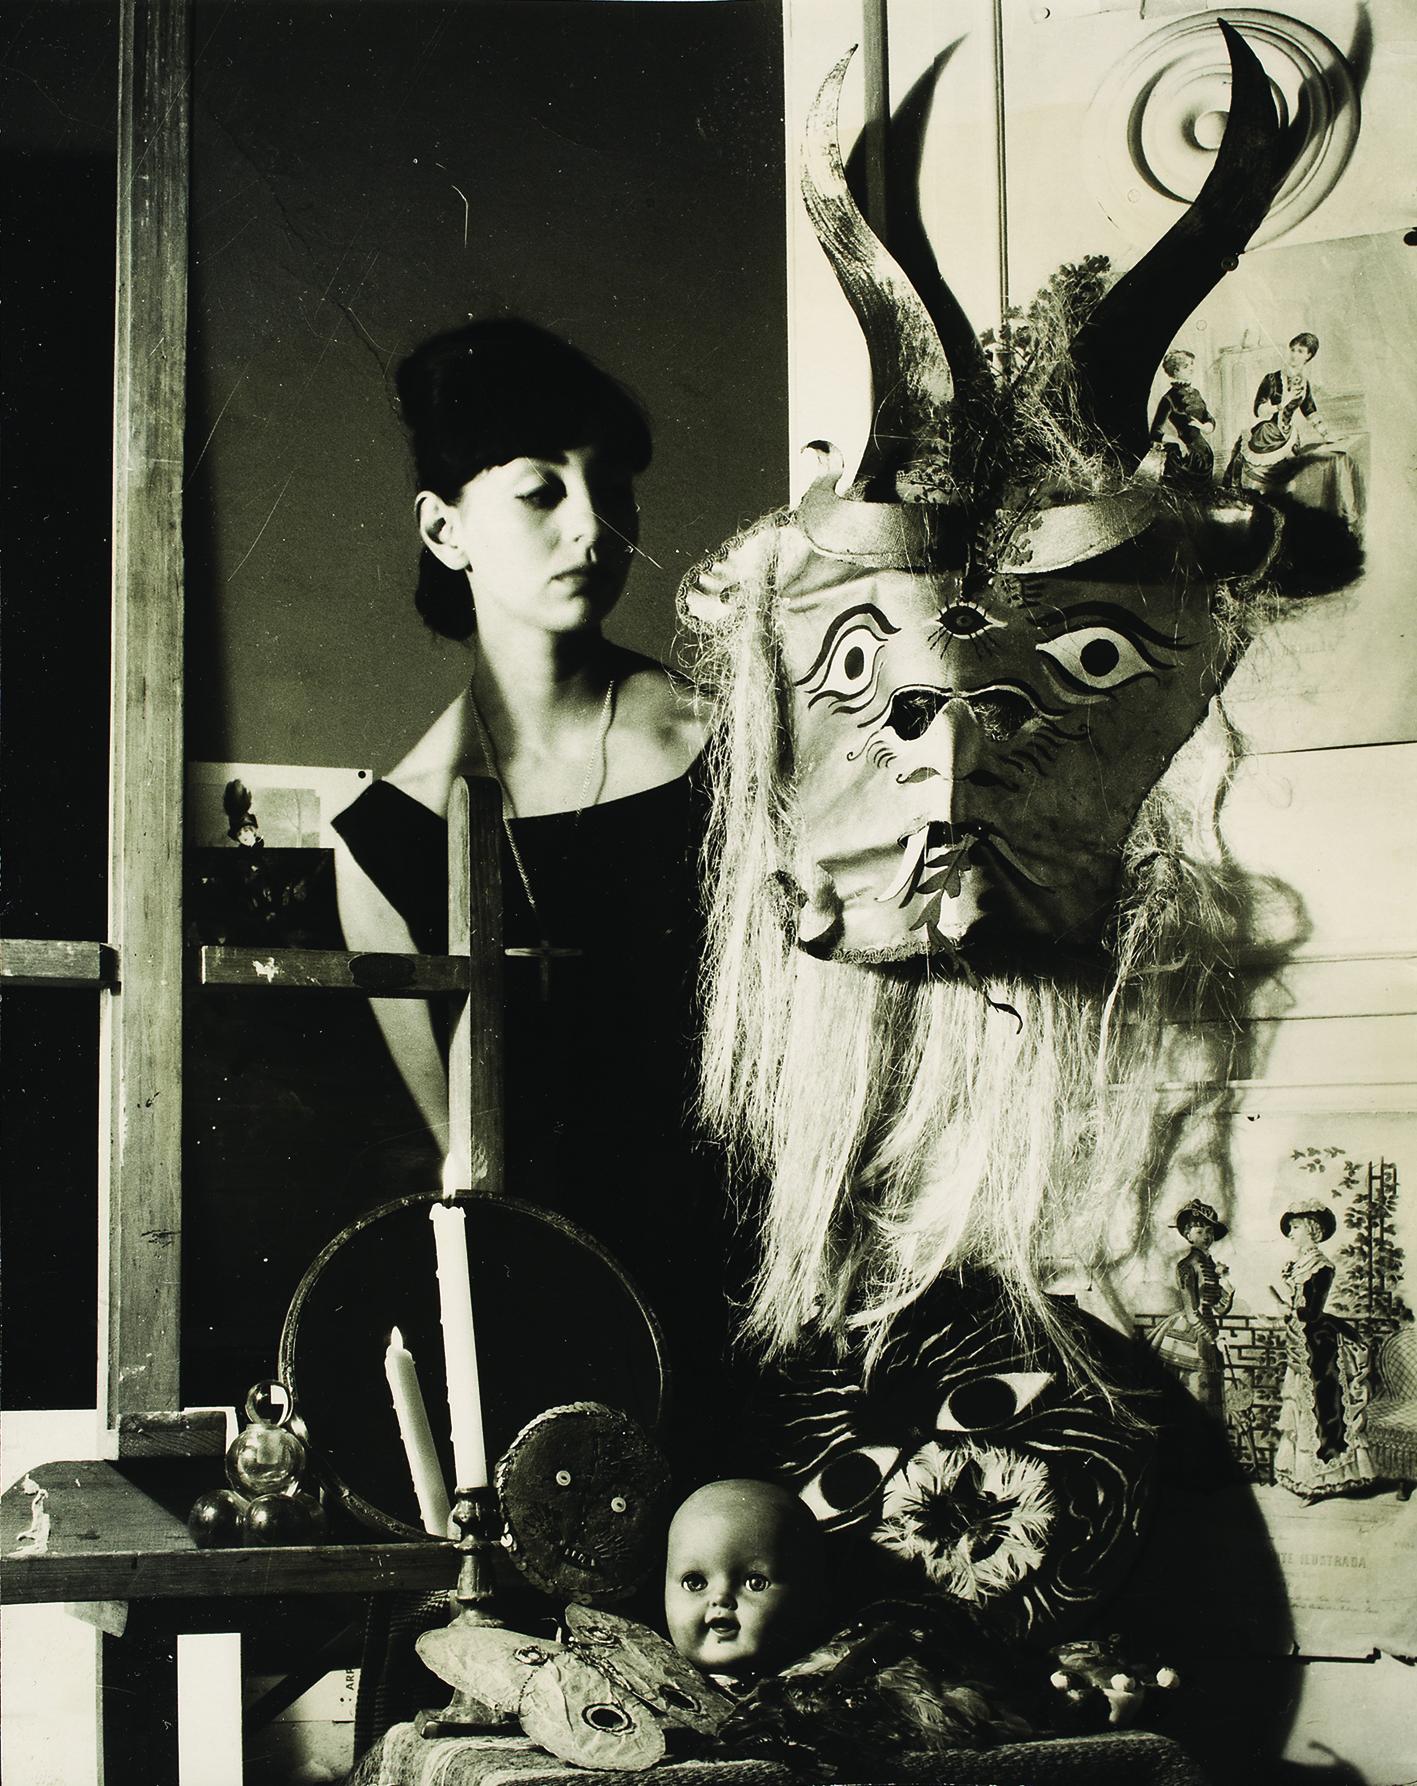 Mujer y máscara [Woman with Mask], Mexico, 1963